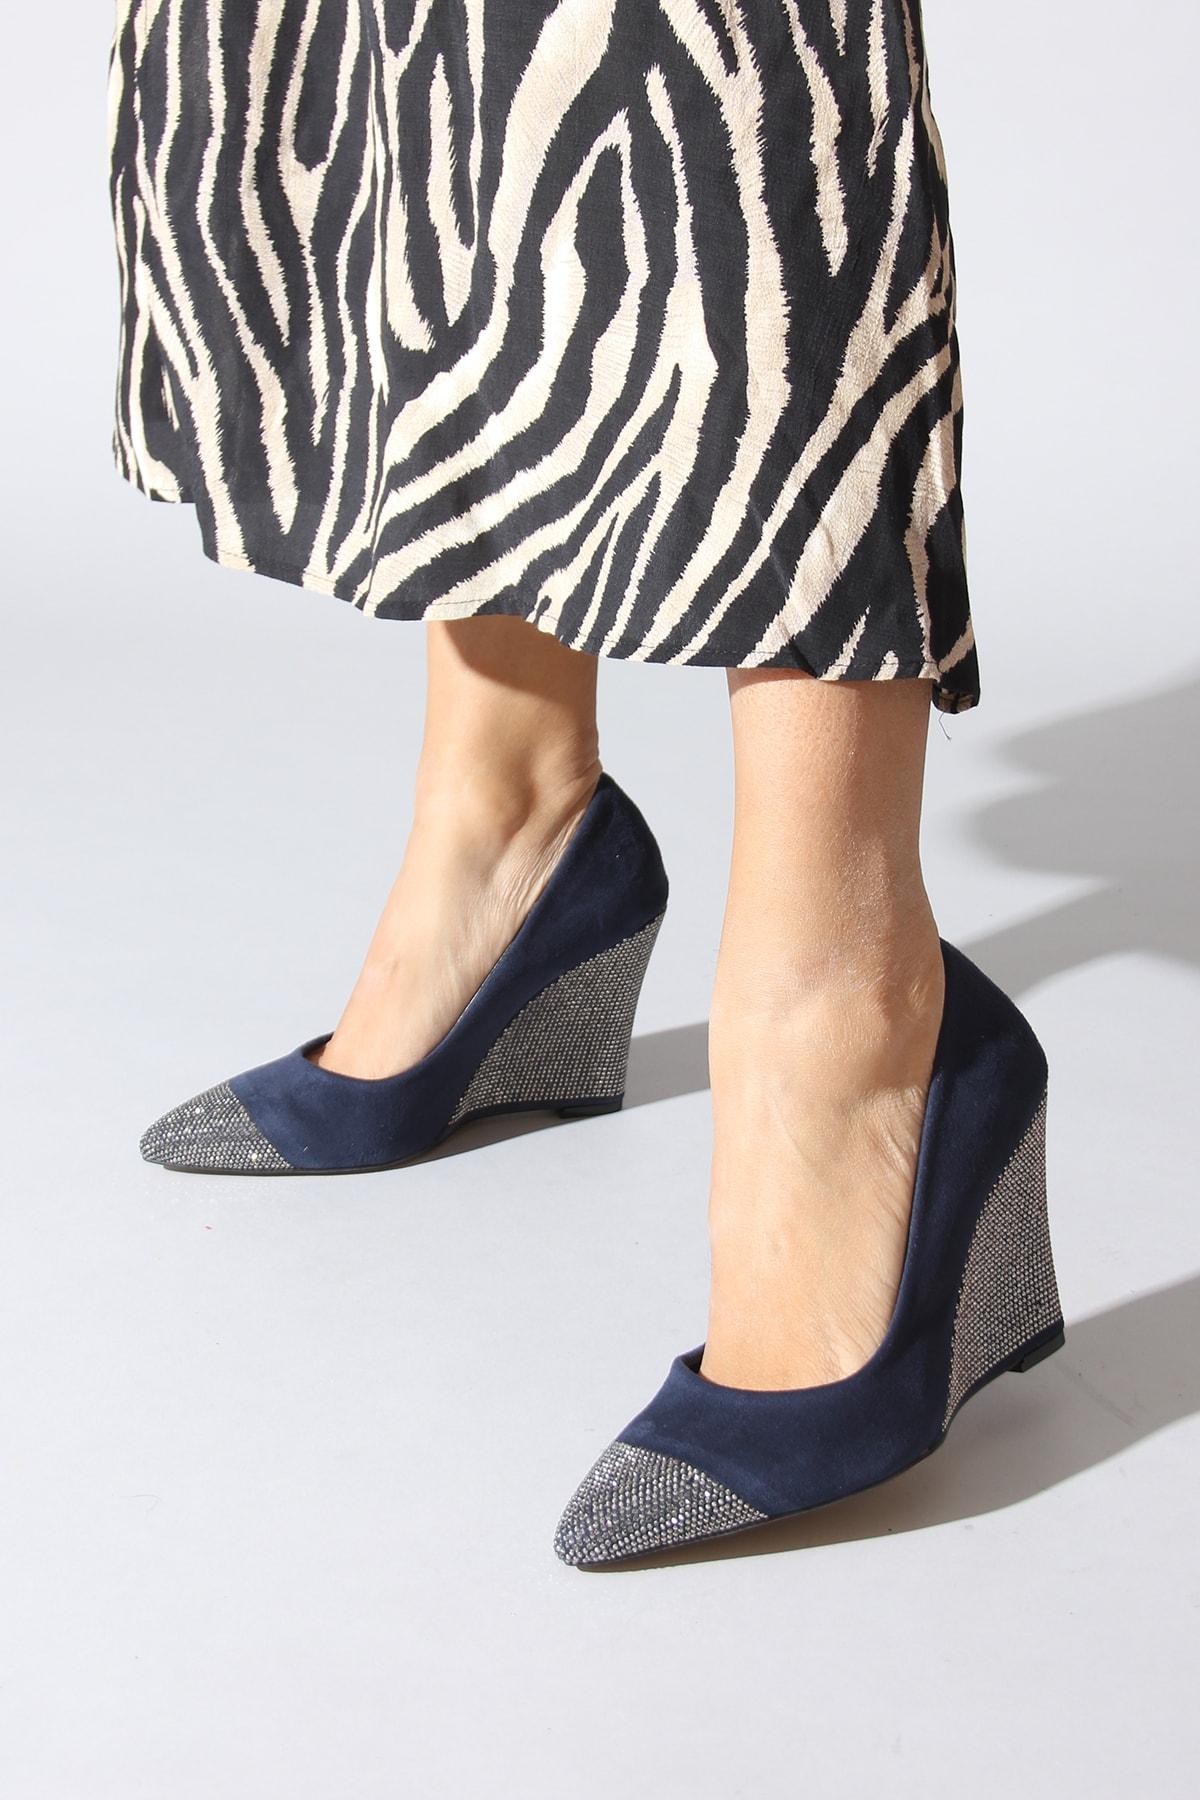 Rovigo Lacivert Kadın Dolgu Topuklu Ayakkabı 1013.0000130.14.362